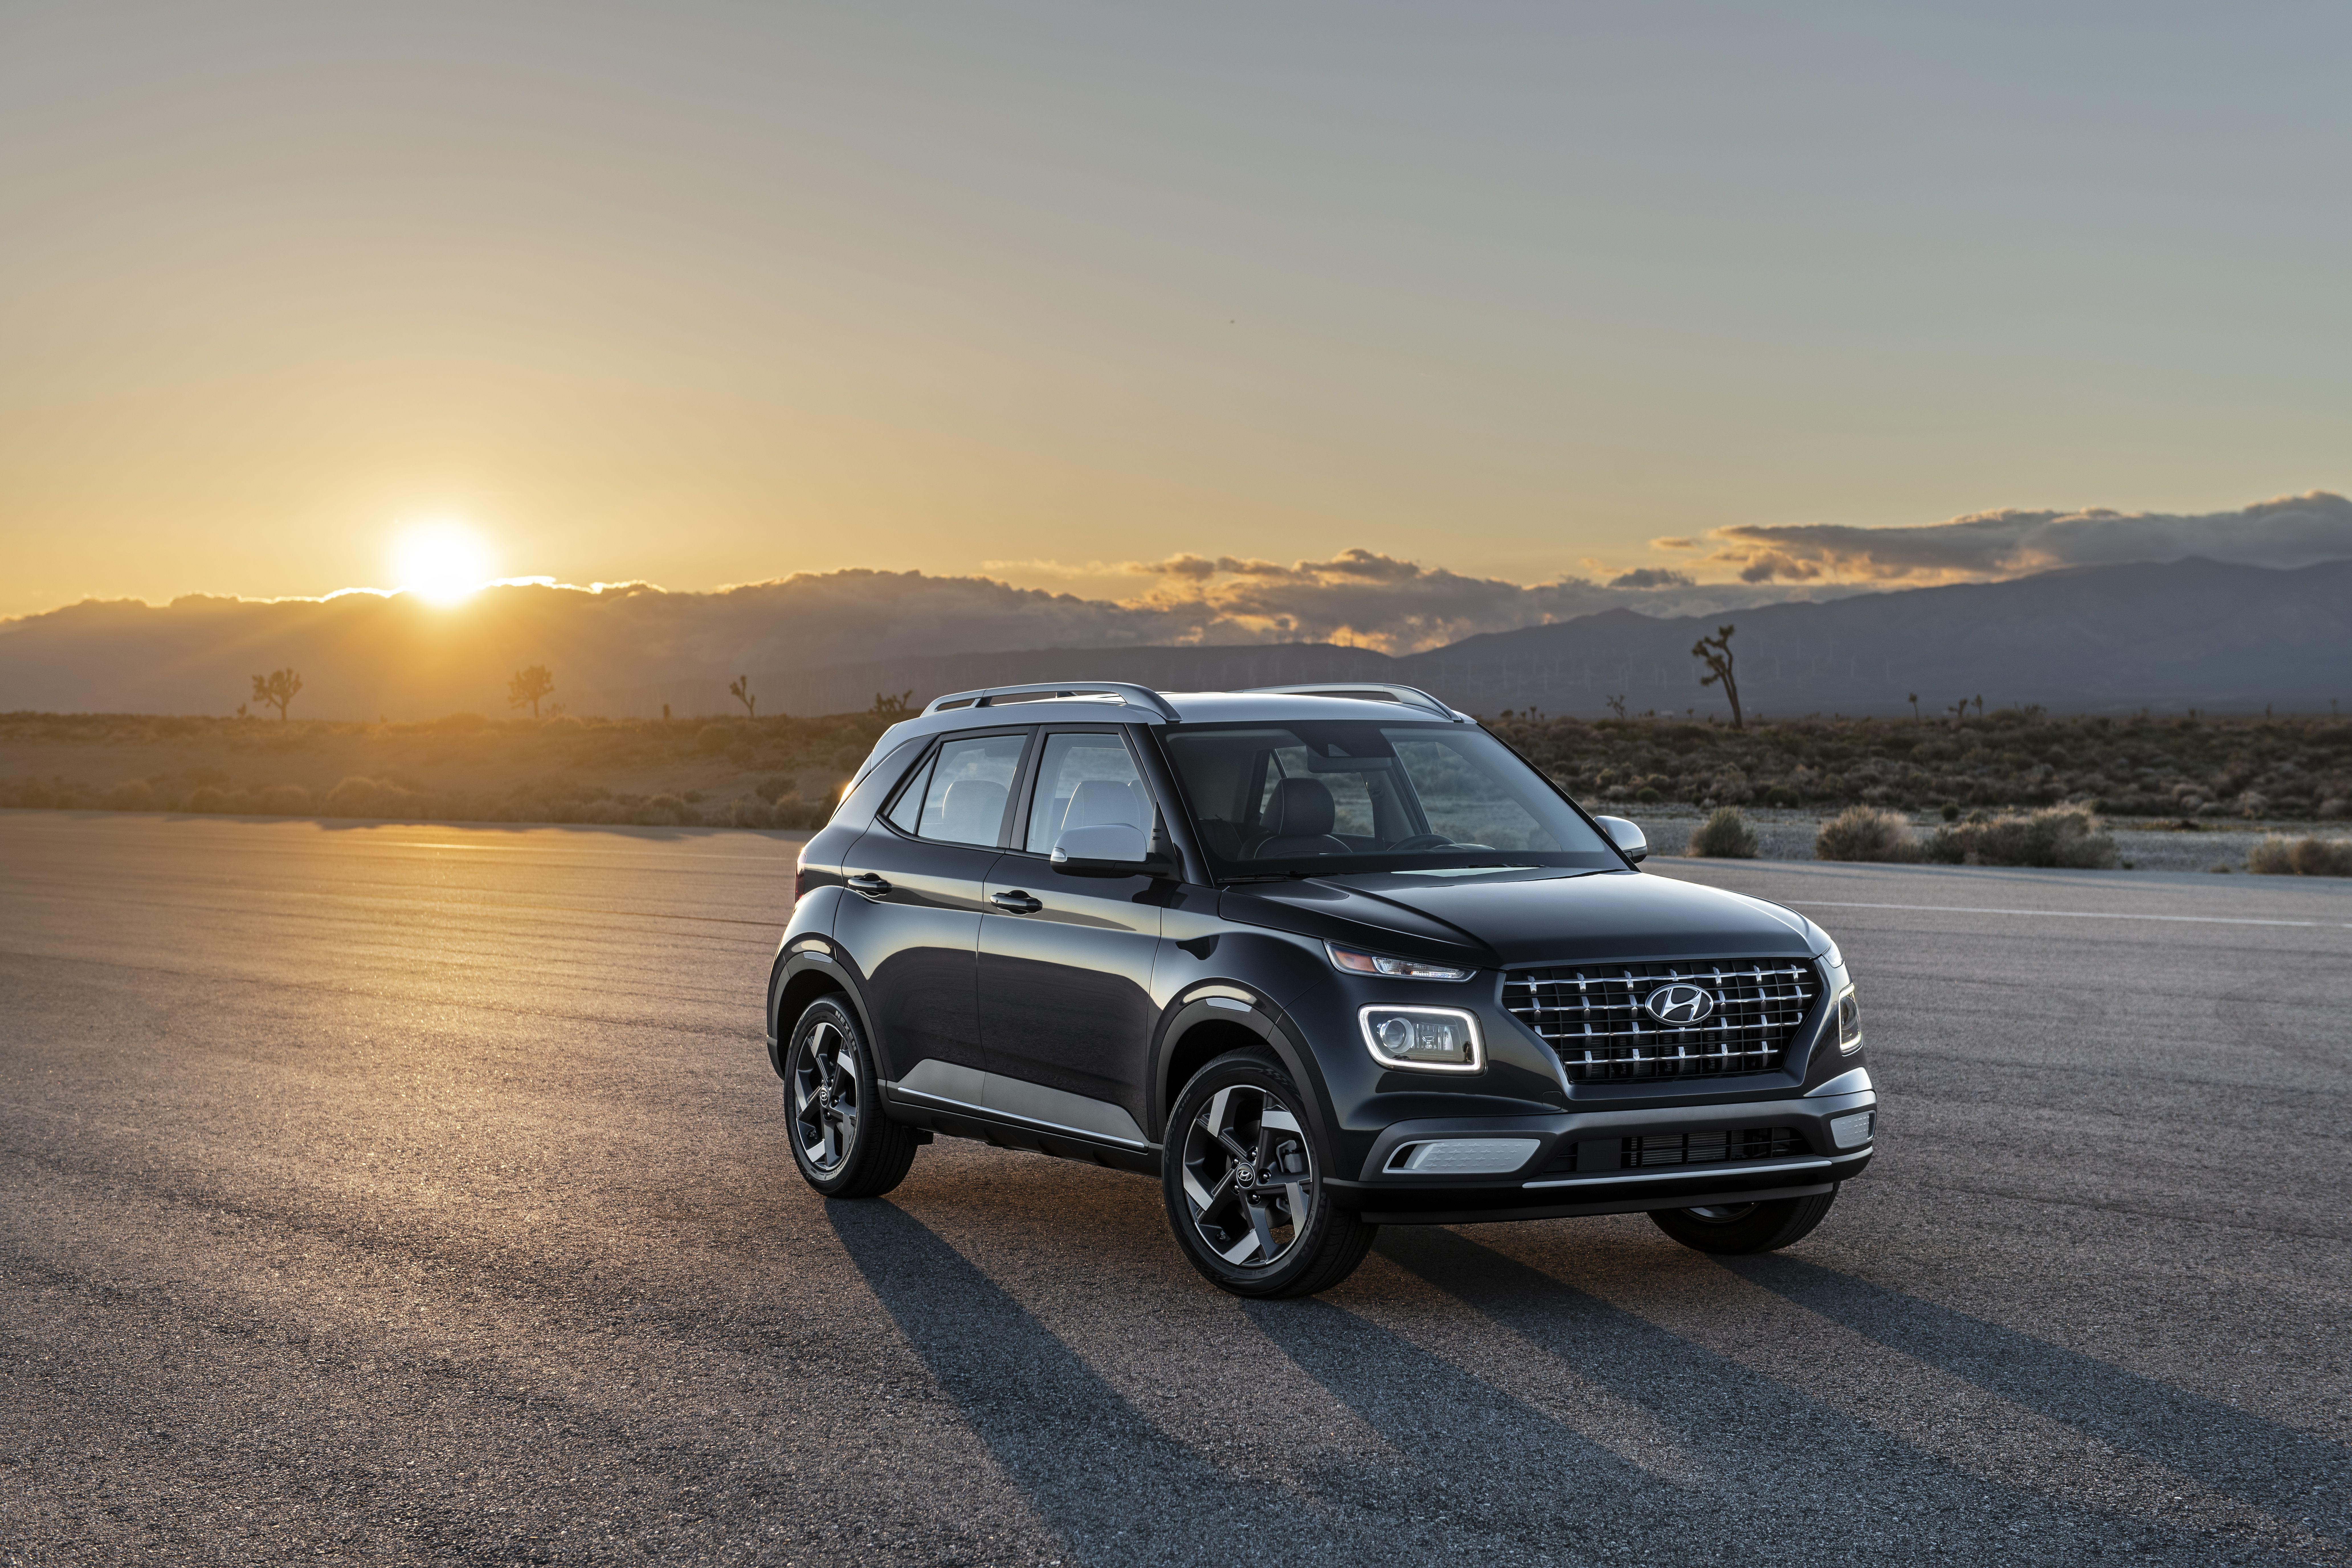 Hyundai Venue Makes World Debut at 2019 NYIAS